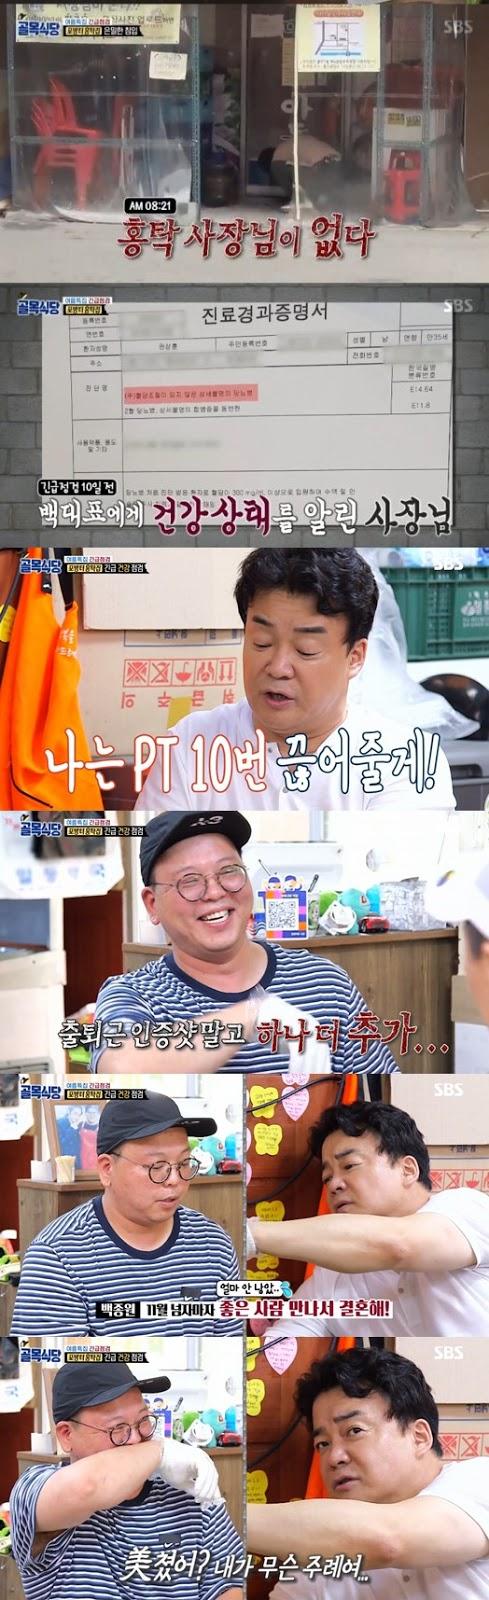 온카지노모바일 www.88enk.com